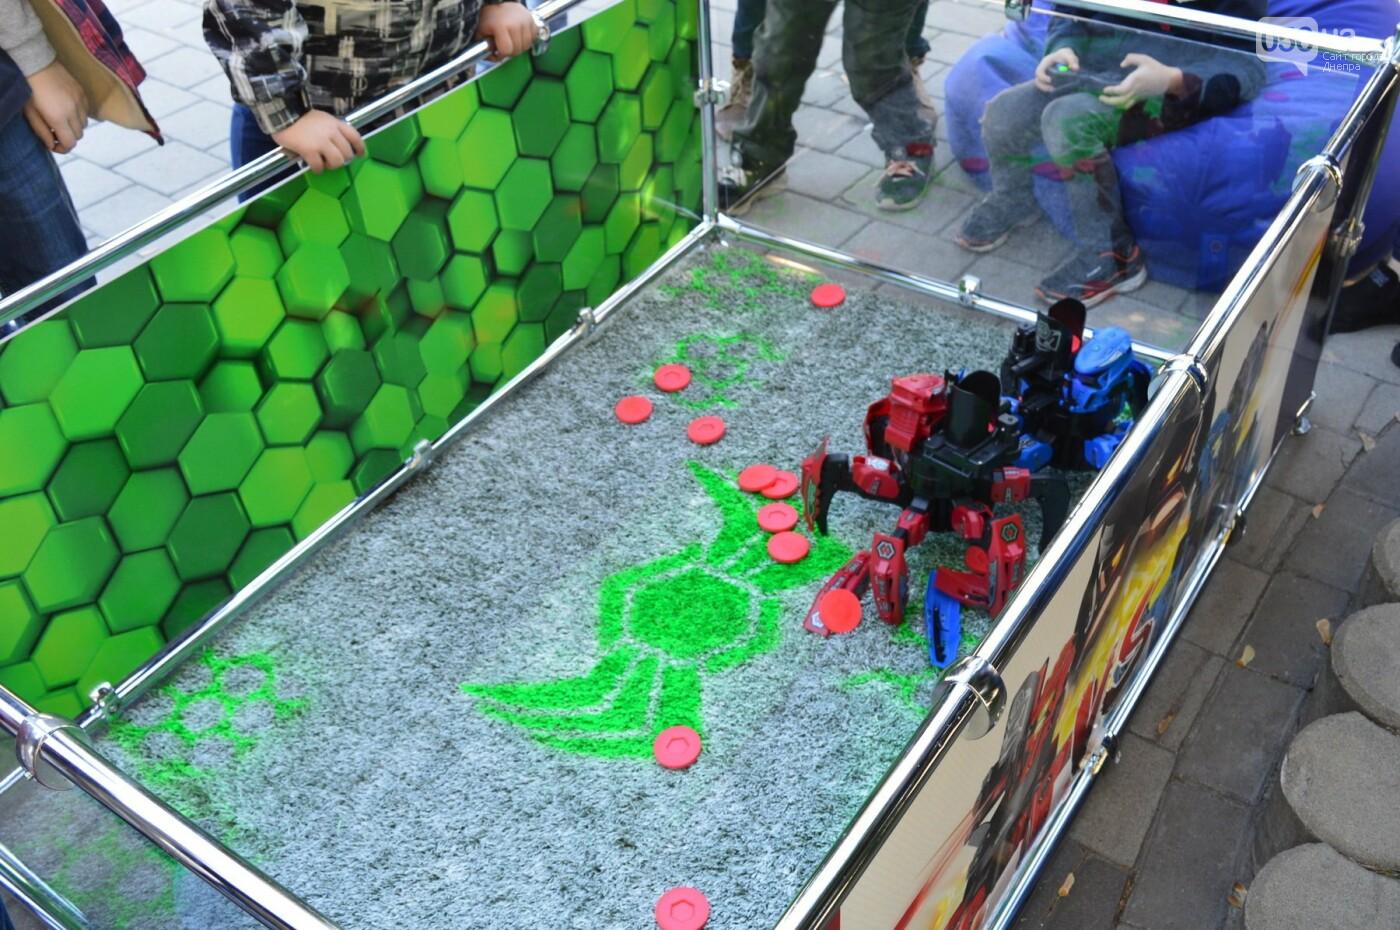 Группа 5'nizza, экстремали, роботы и «сладкий бюджет»: как в Днепре прошел фестиваль общественных инициатив UCRAZYANS, - ФОТО, фото-4